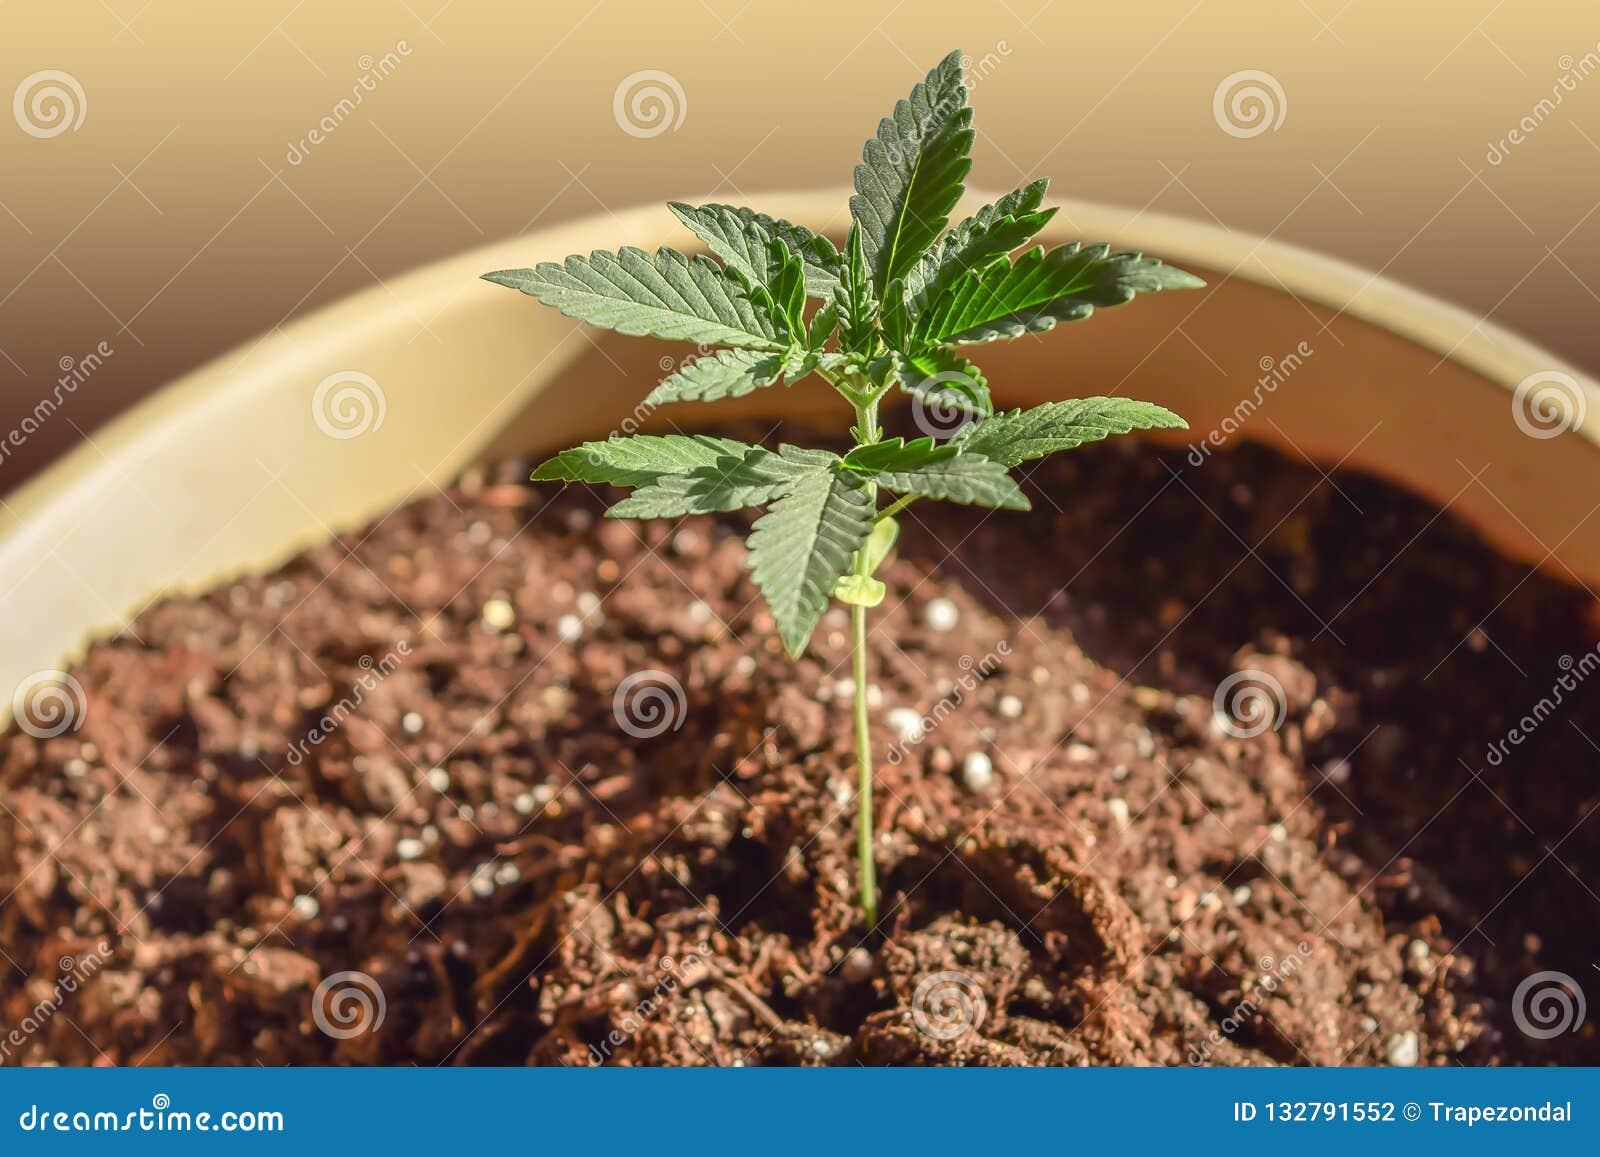 Фото ростка марихуаны марихуана опасный наркотик